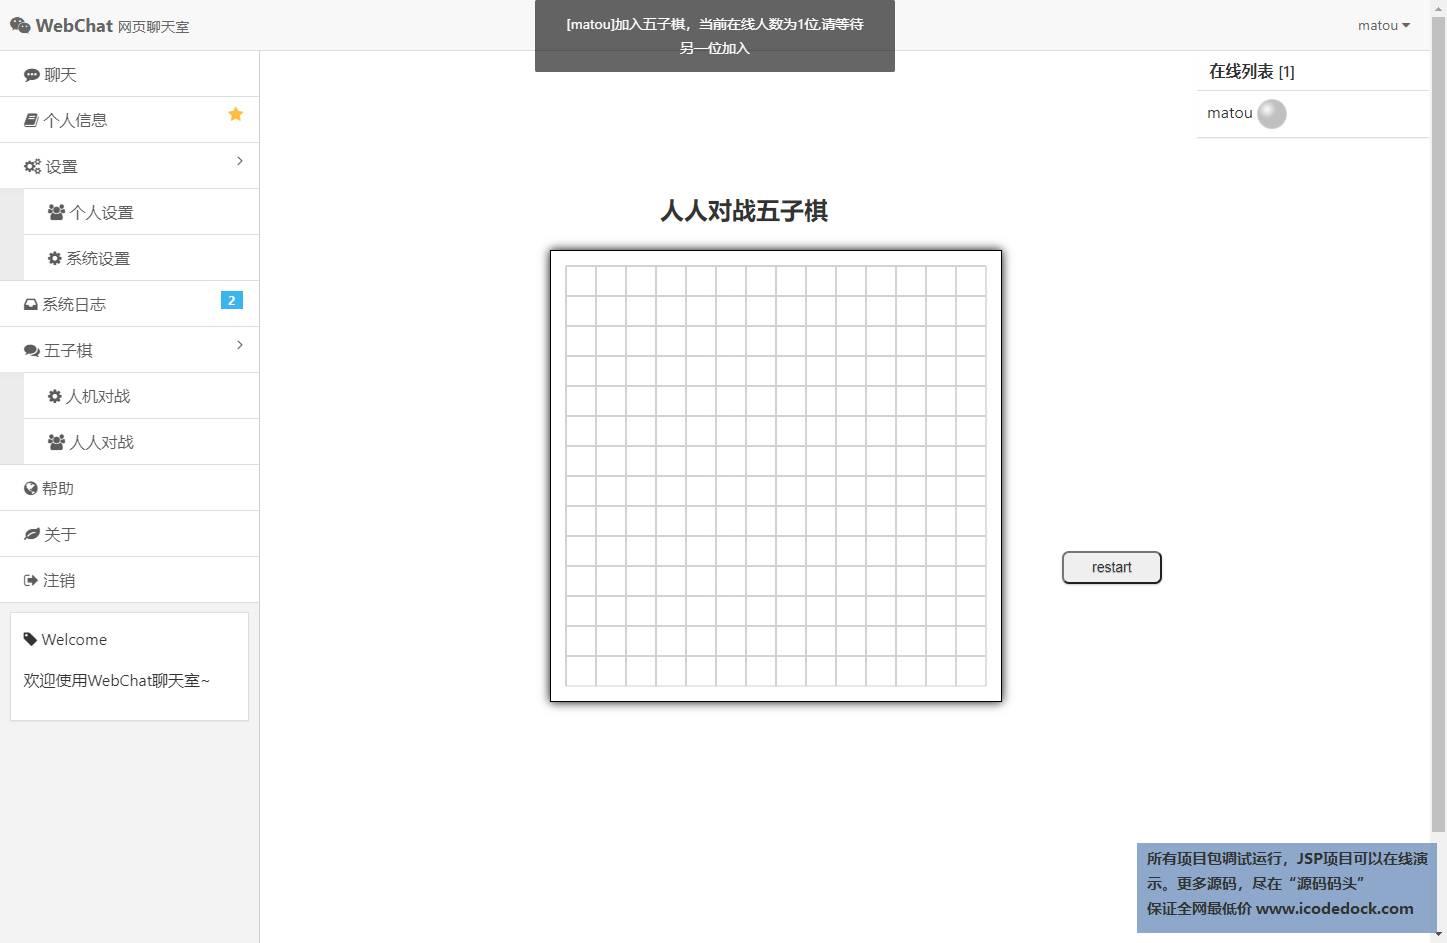 源码码头-SSM网页版聊天室平台含五子棋小游戏版-用户1角色-人人对战五子棋